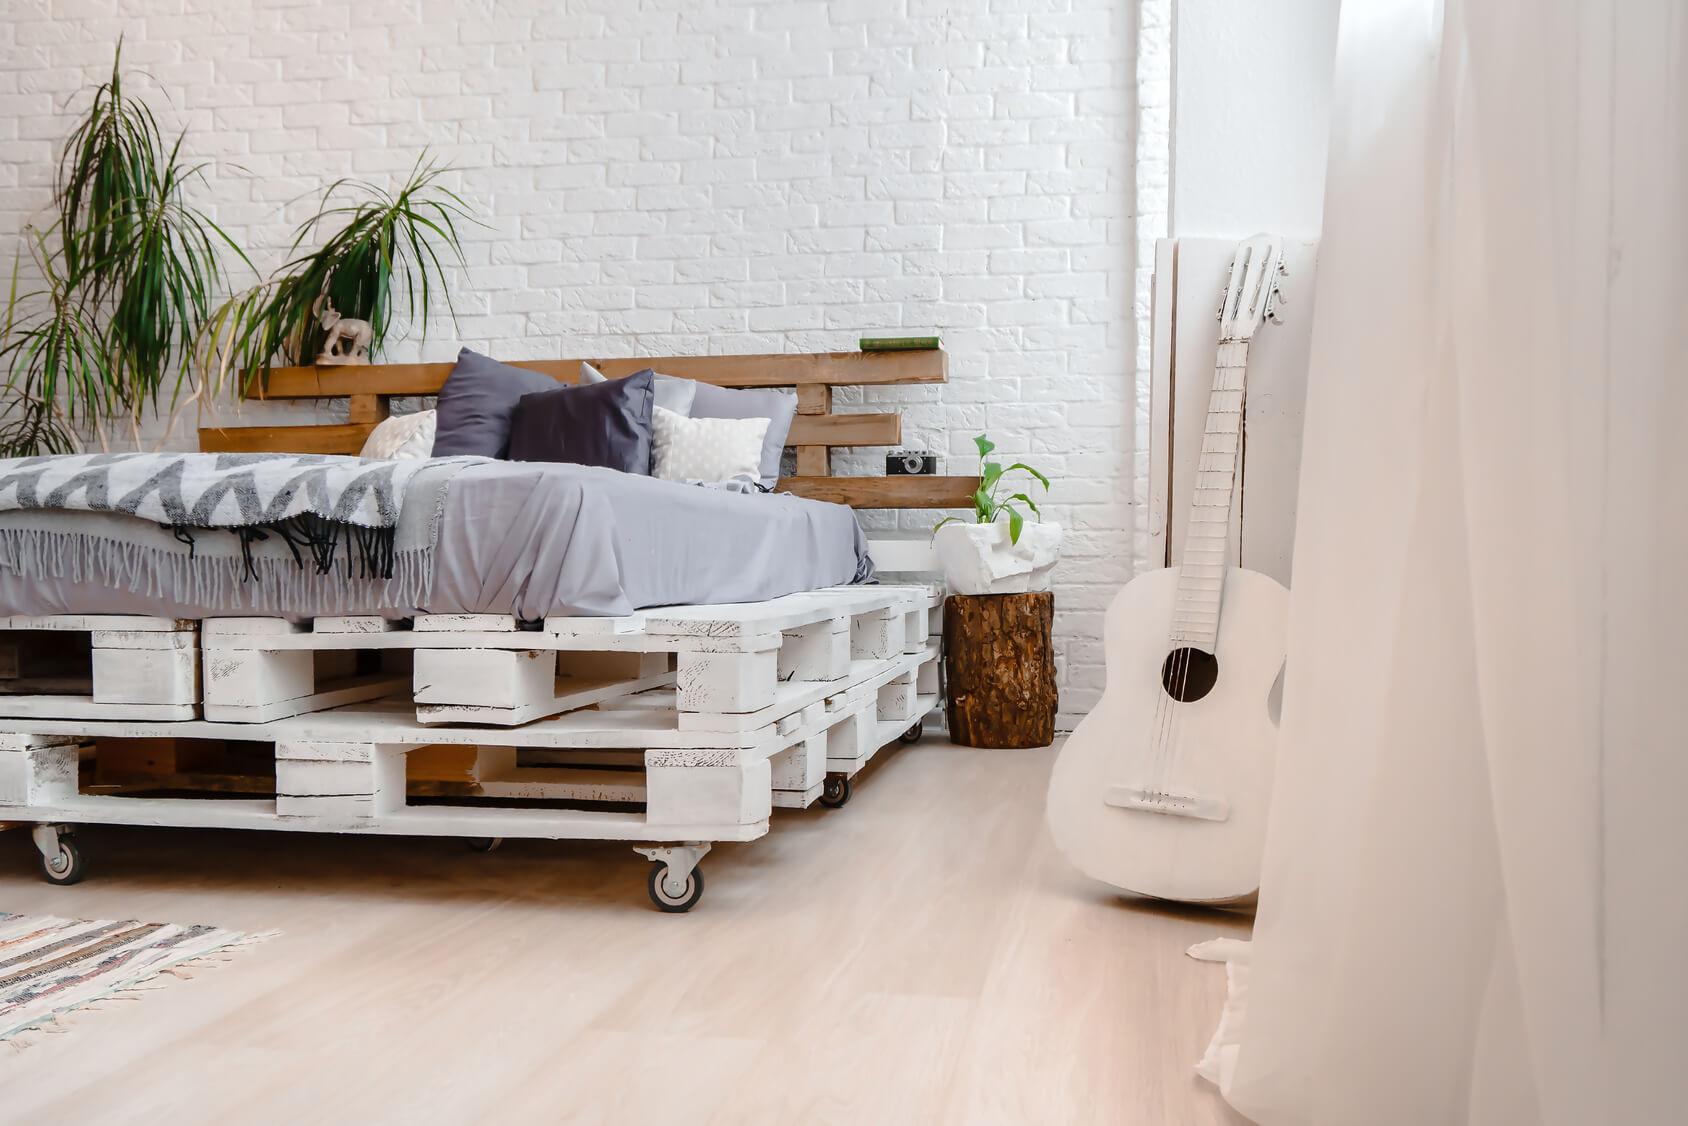 Jak zrobić łóżko z palet? Sprawdź naszą instrukcję krok po kroku - PLANTPUR  - SLEEP RELIEF